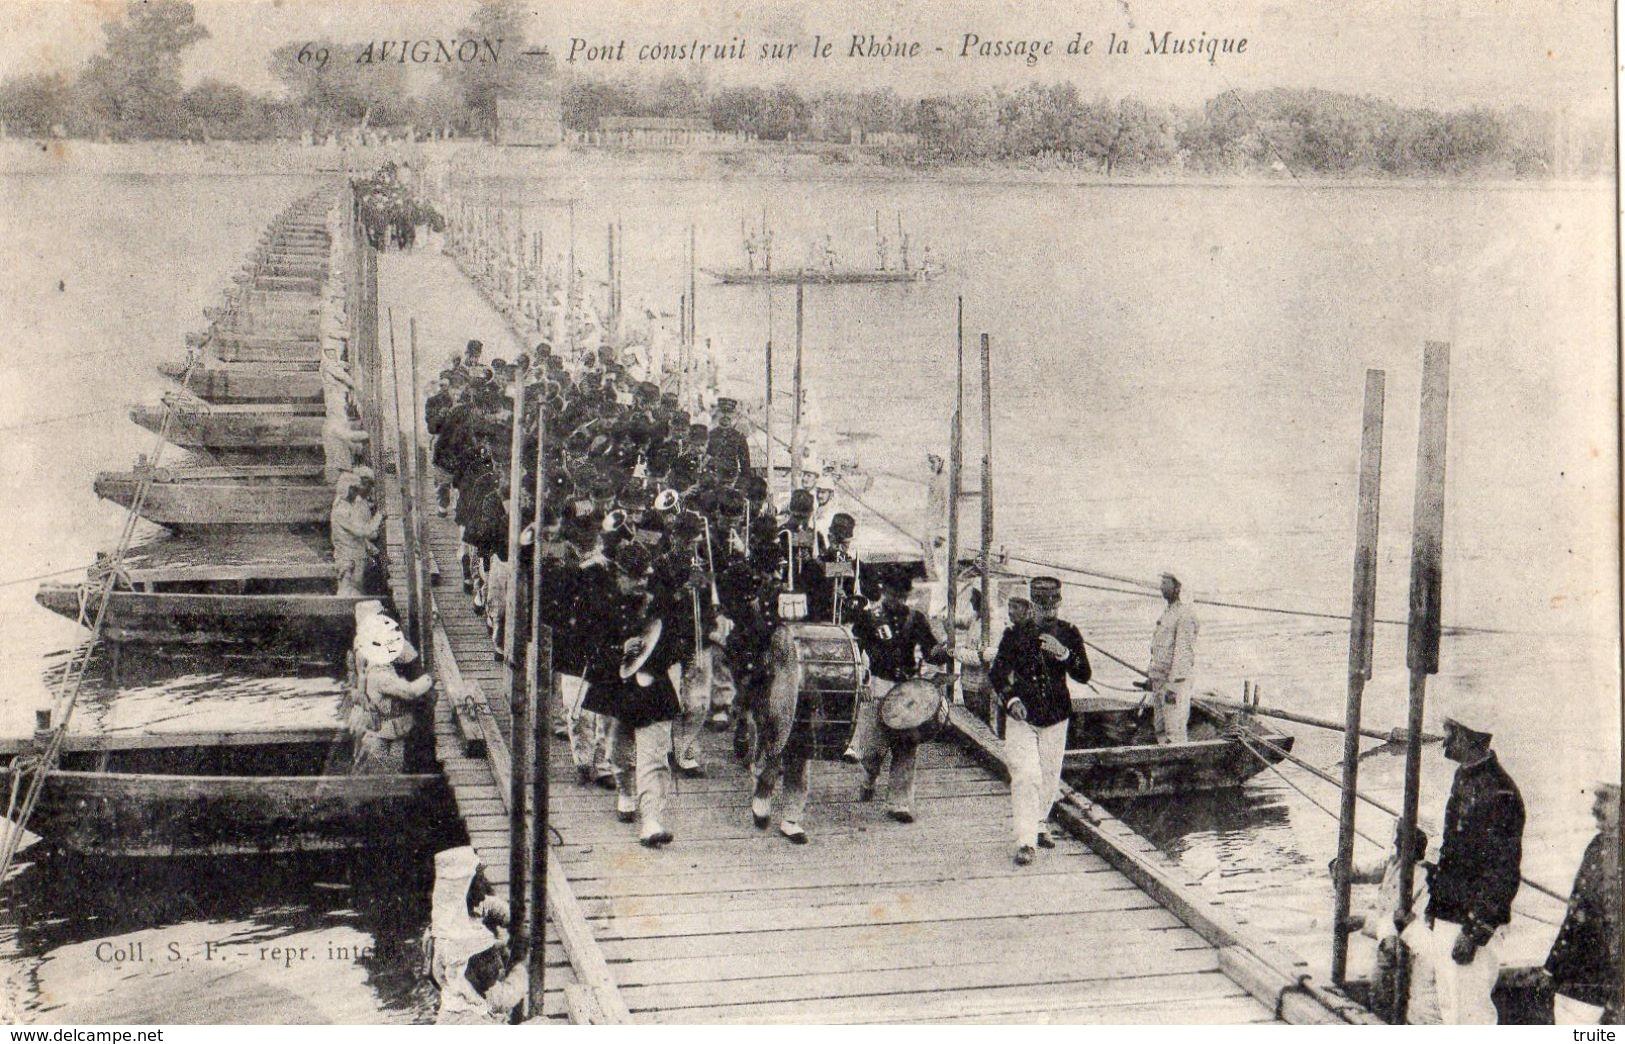 AVIGNON PONT CONSTRUIT SUR LE RHONE PASSAGE DE LA MUSIQUE - Avignon